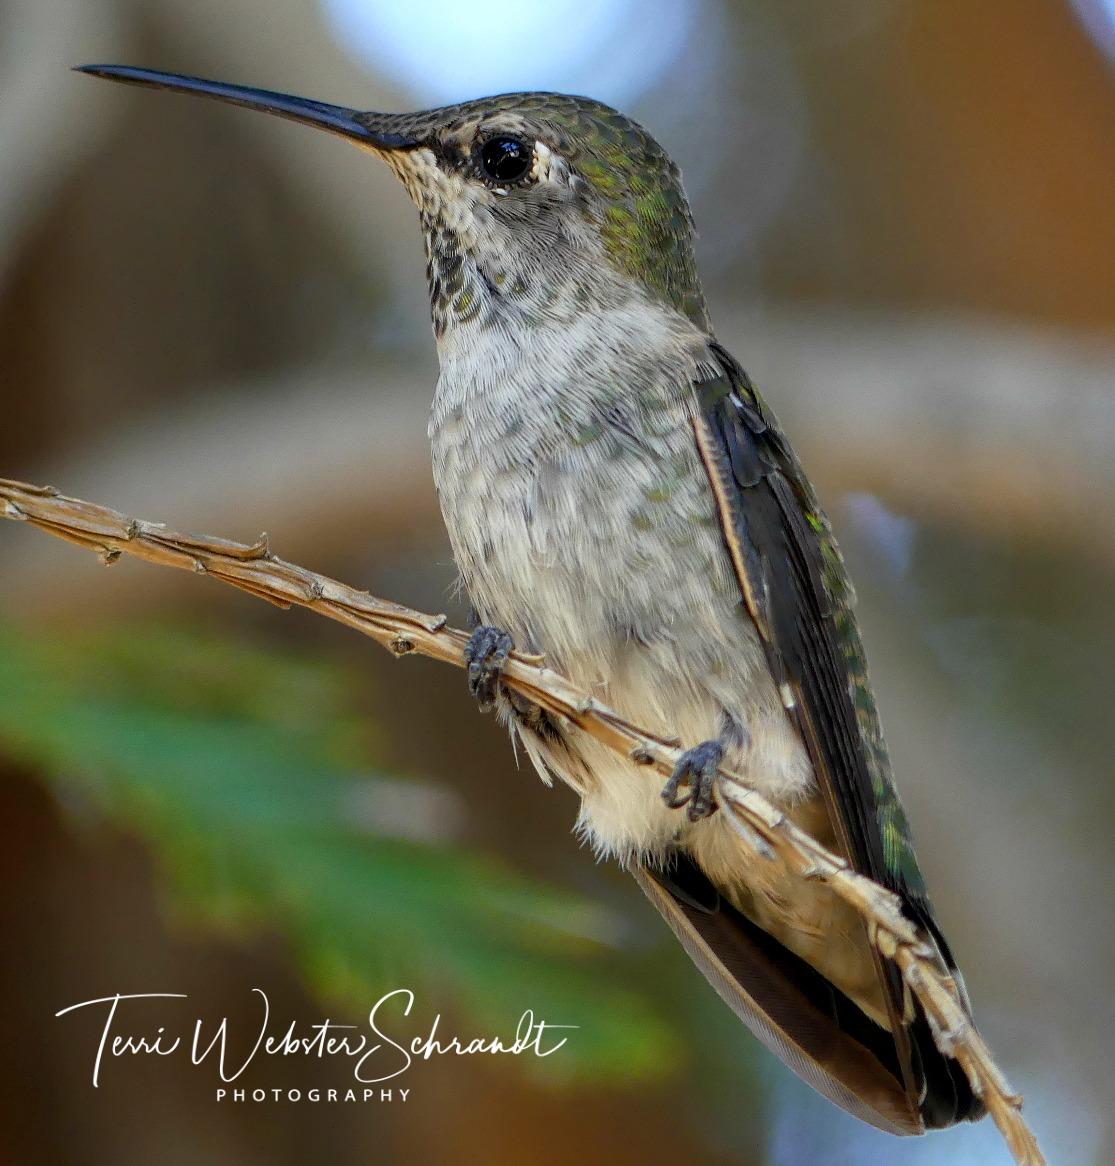 Closeup view of Hummingbird